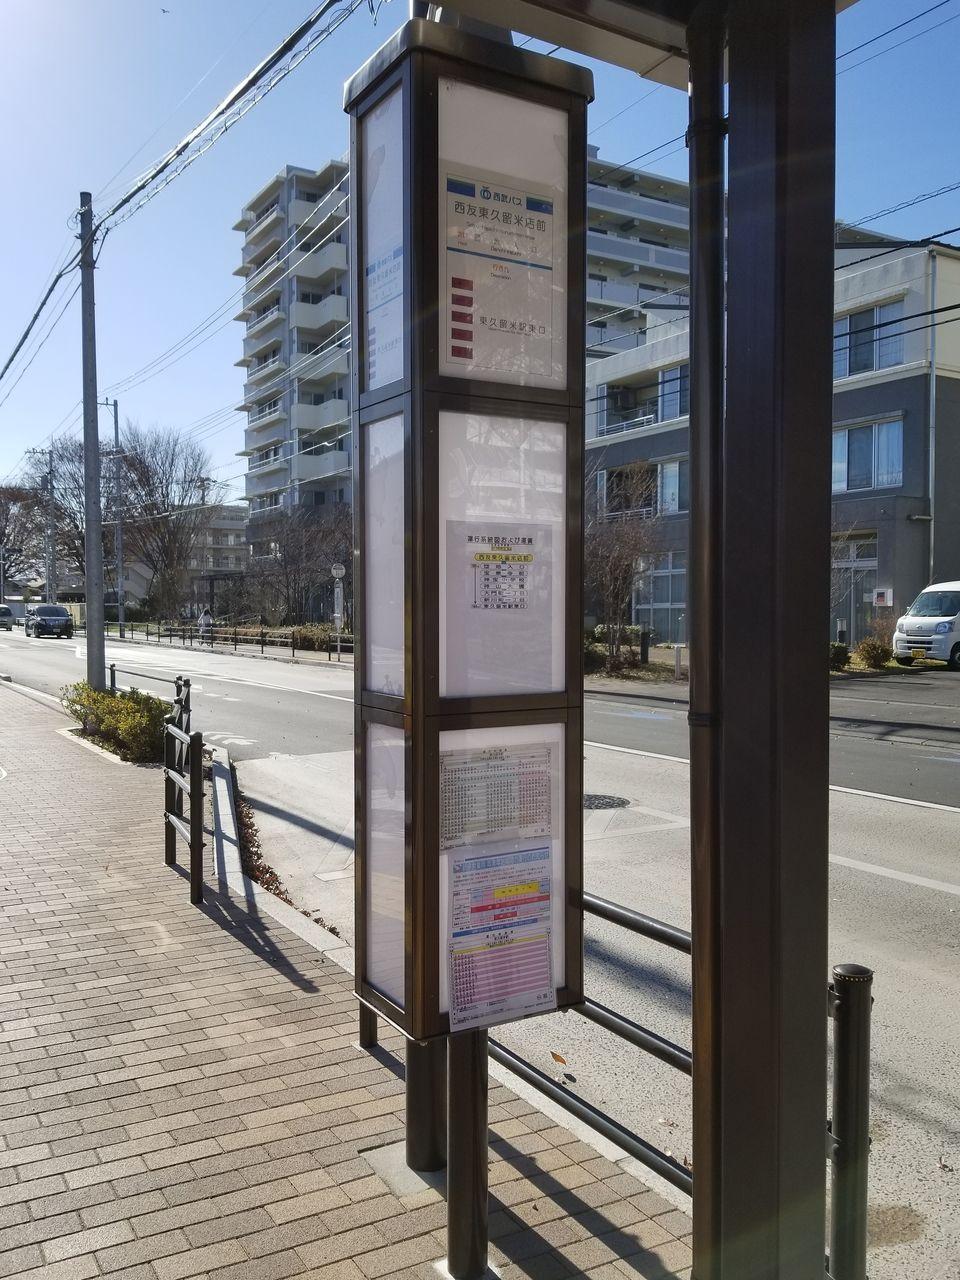 上の原地区直結バス停